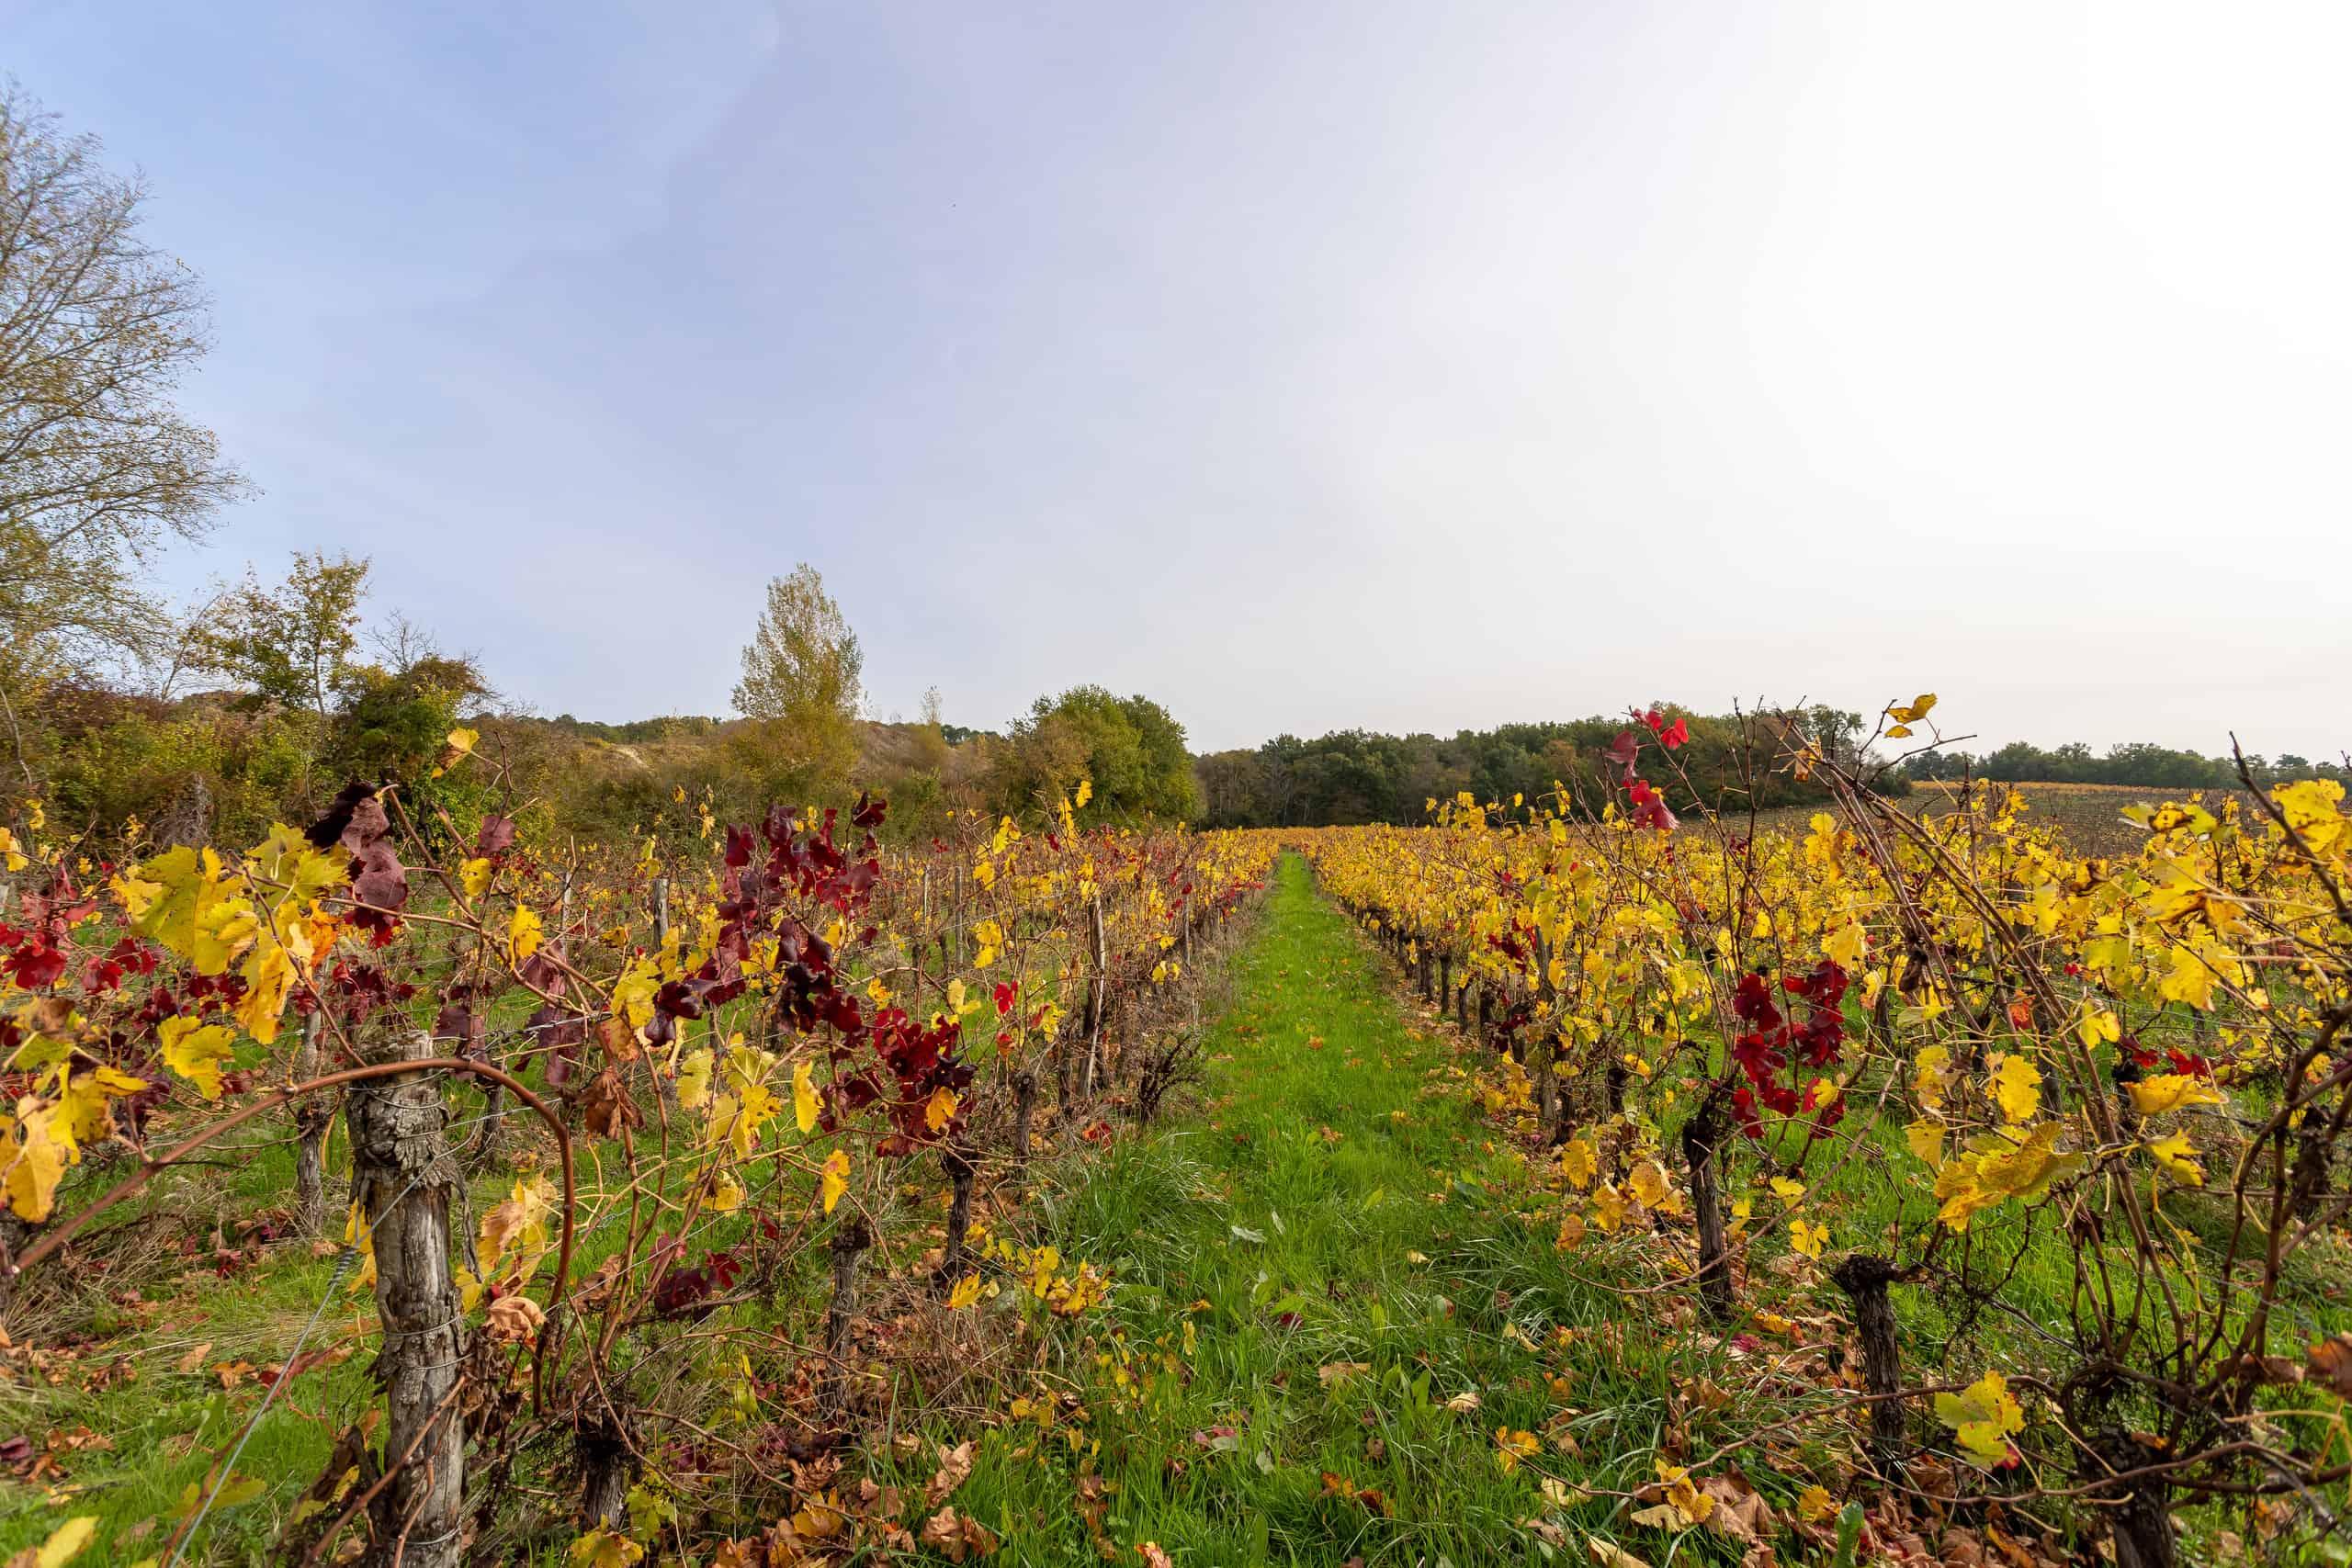 vineyard-WMC023